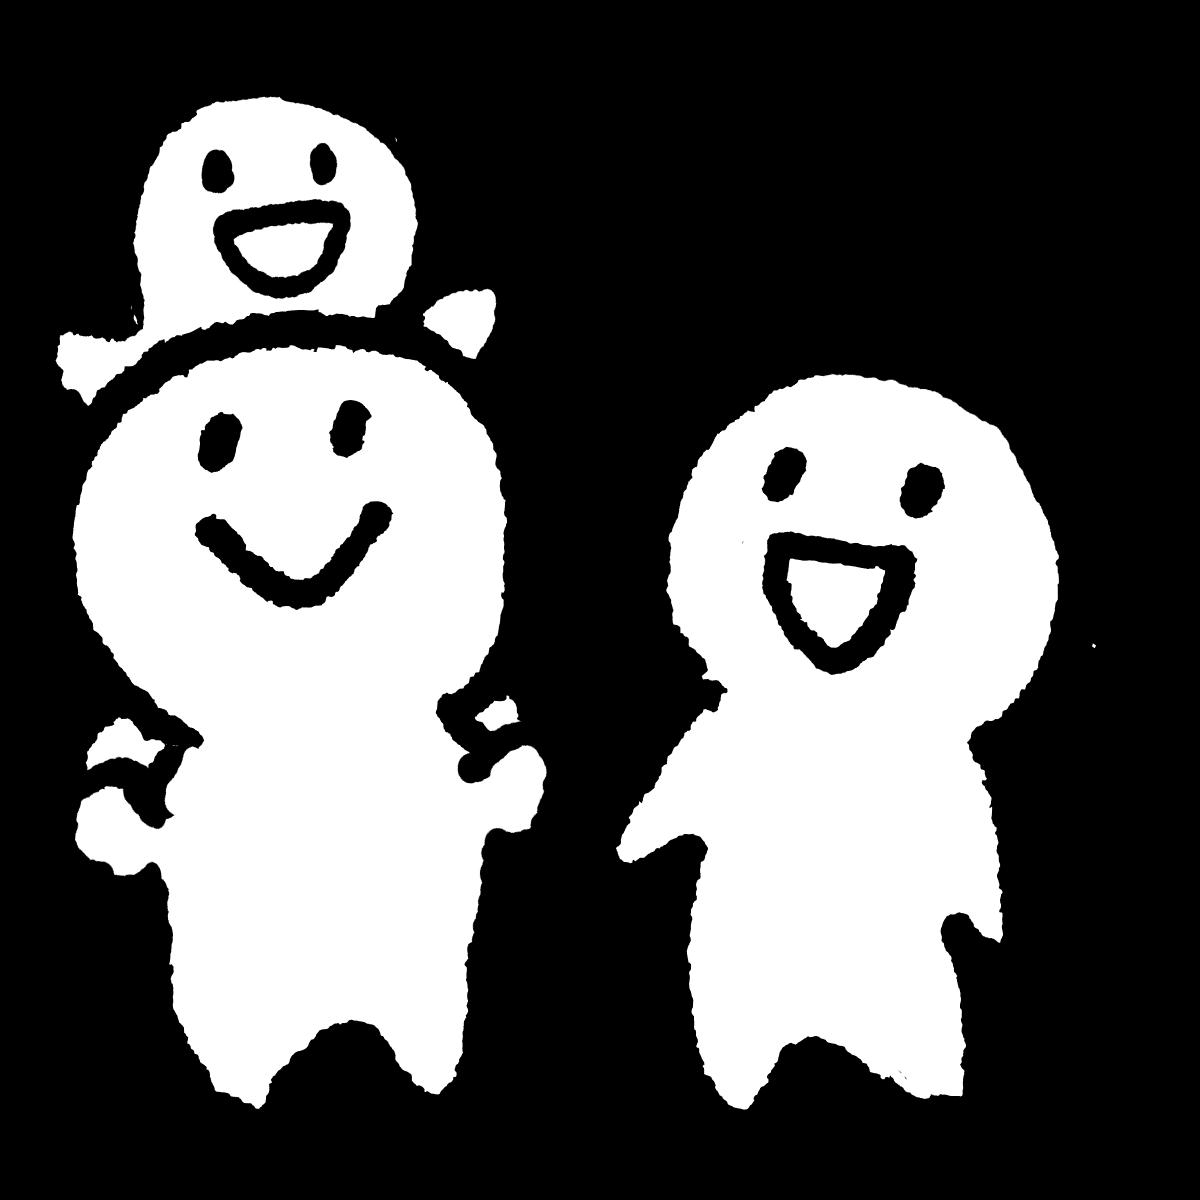 3人家族/その2のイラスト Family of 3/part 2  Illustration